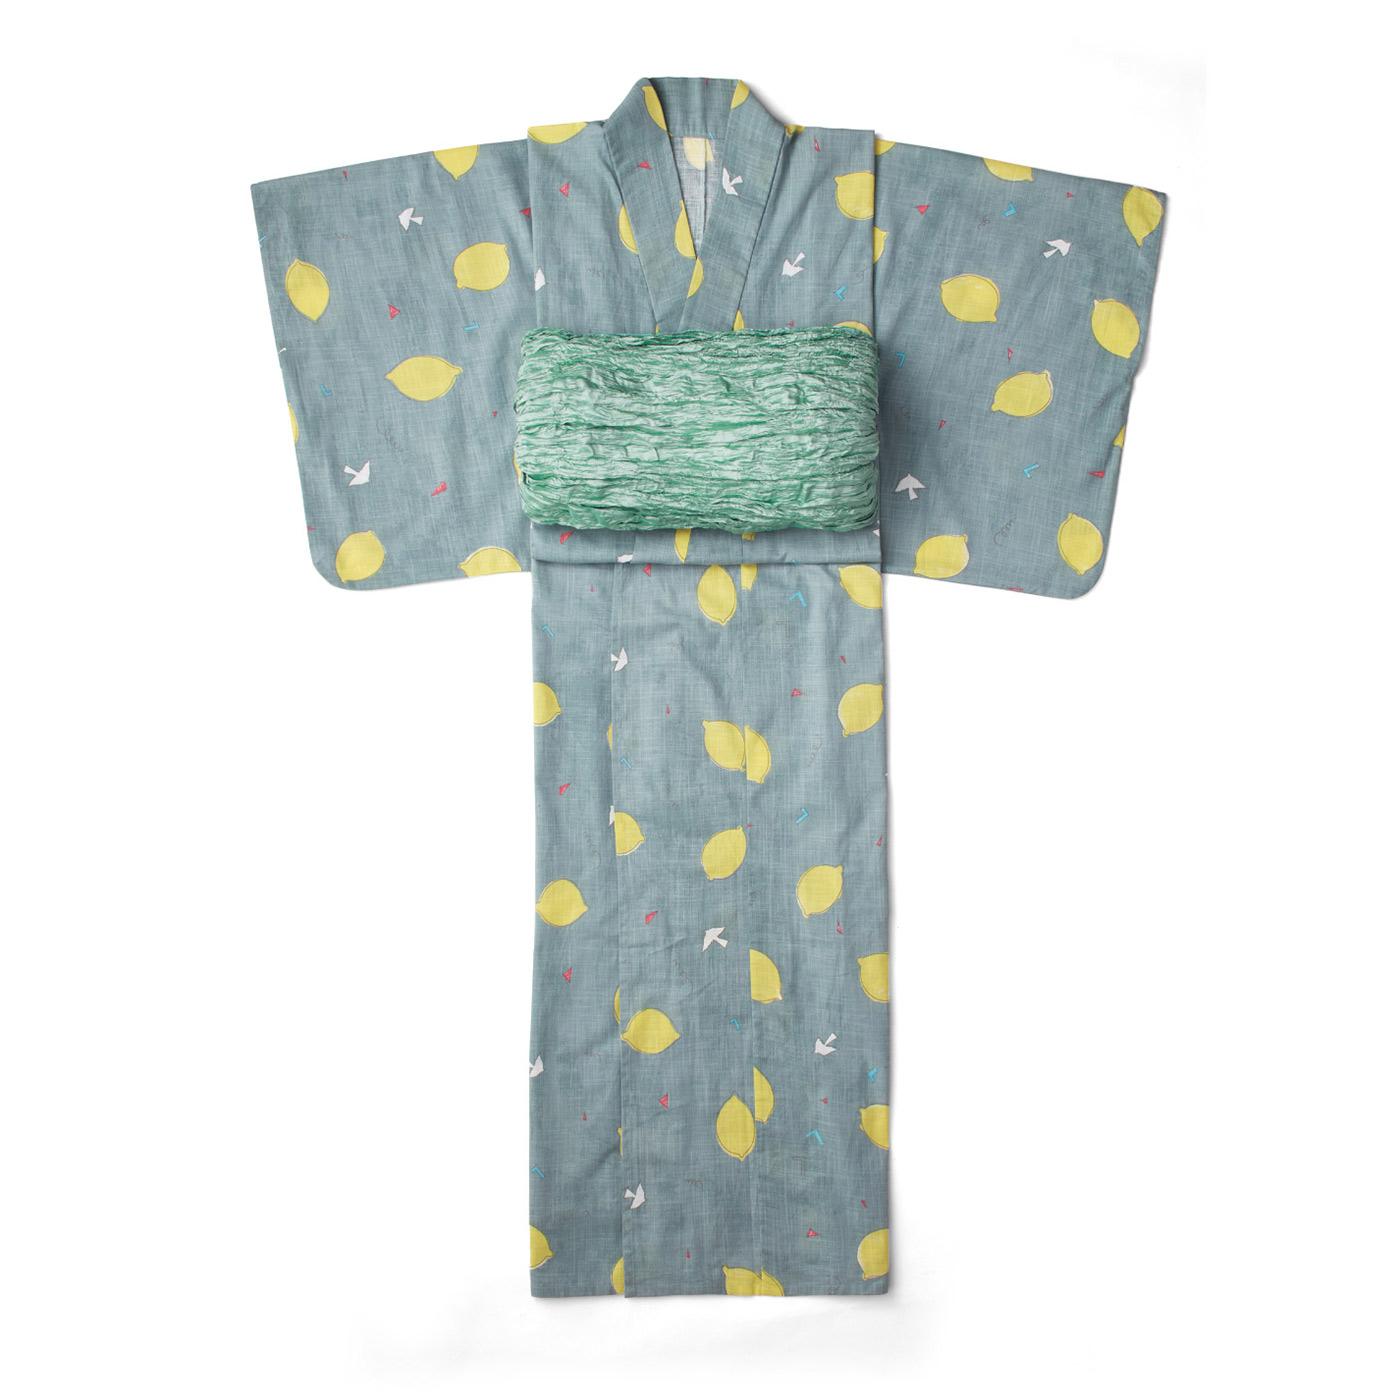 京都Subikiawa食器店さんとつくった レトロなレモン柄の浴衣(ゆかた)〈レディース〉